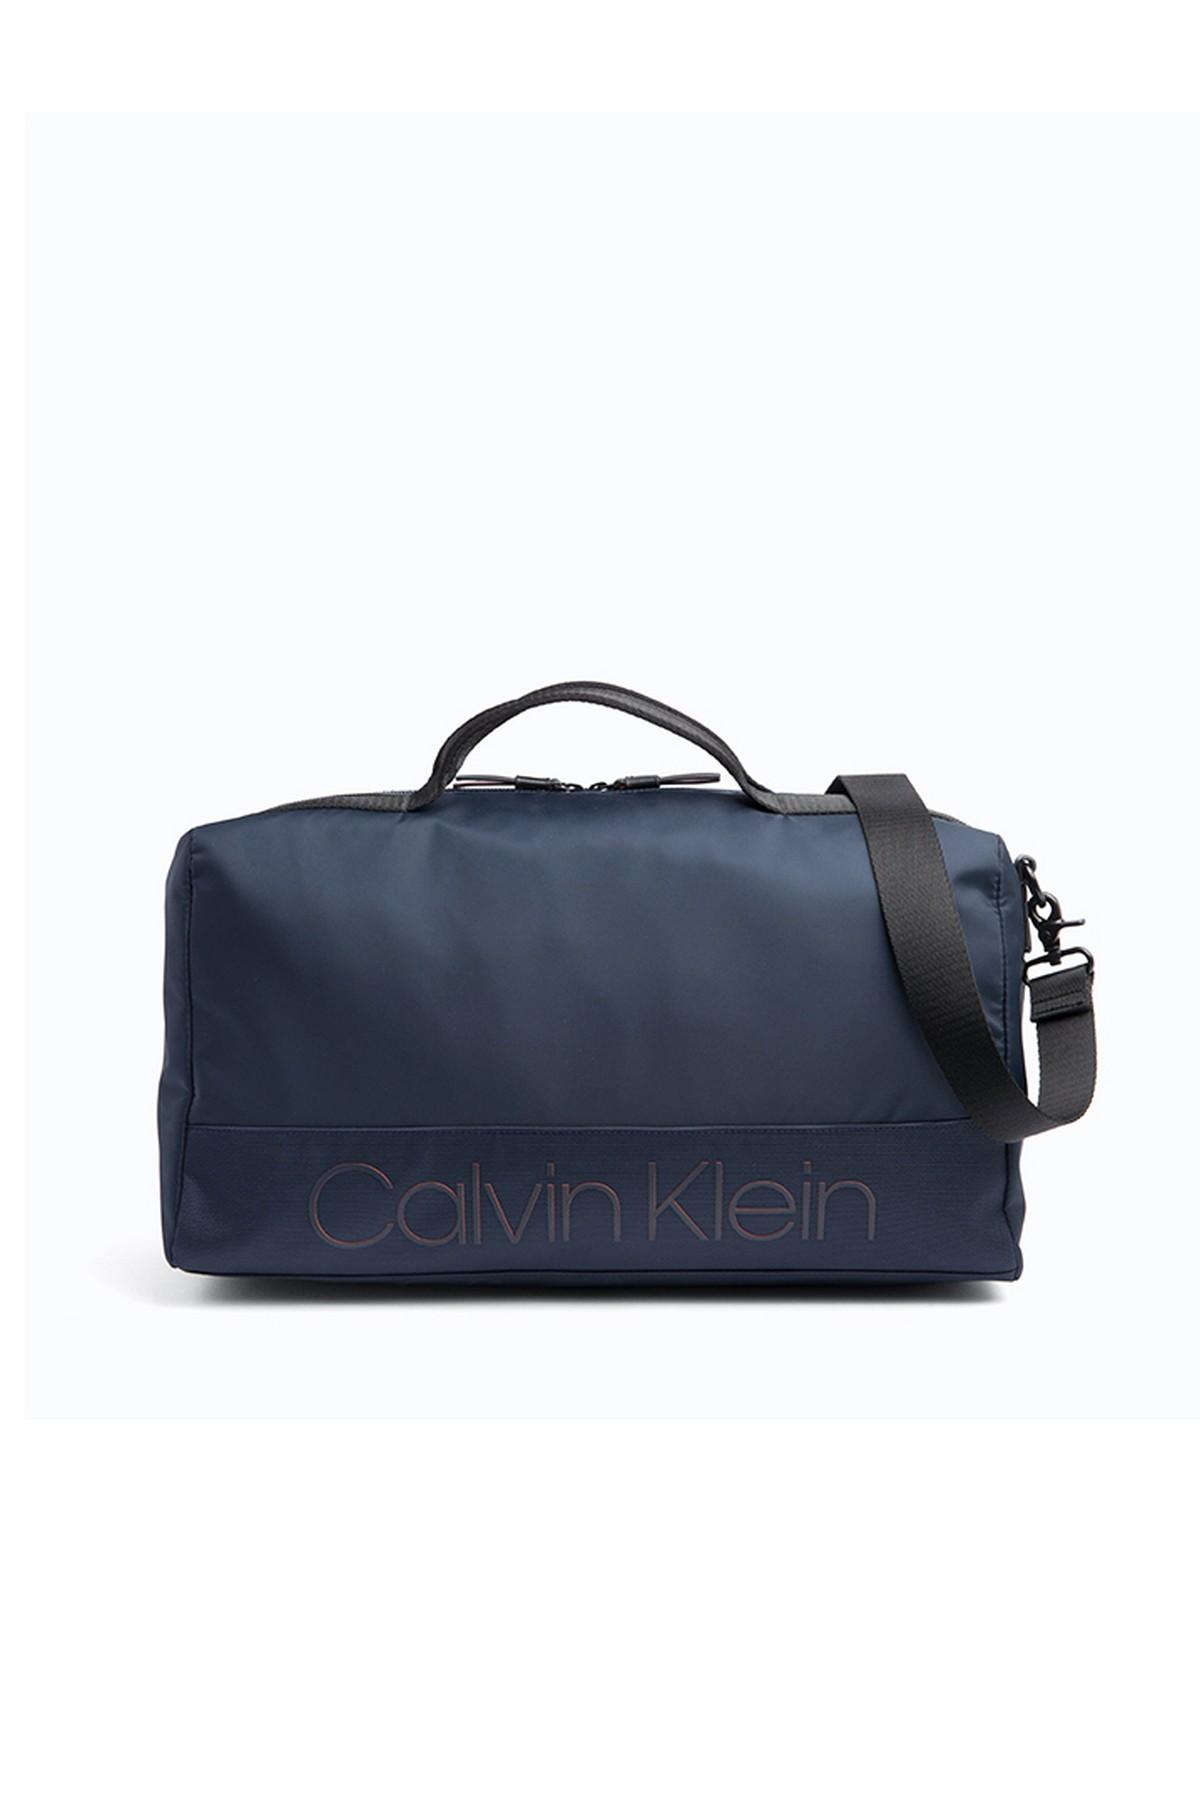 Calvin Klein Spor Çantası (ZM0ZM01211-BAI)